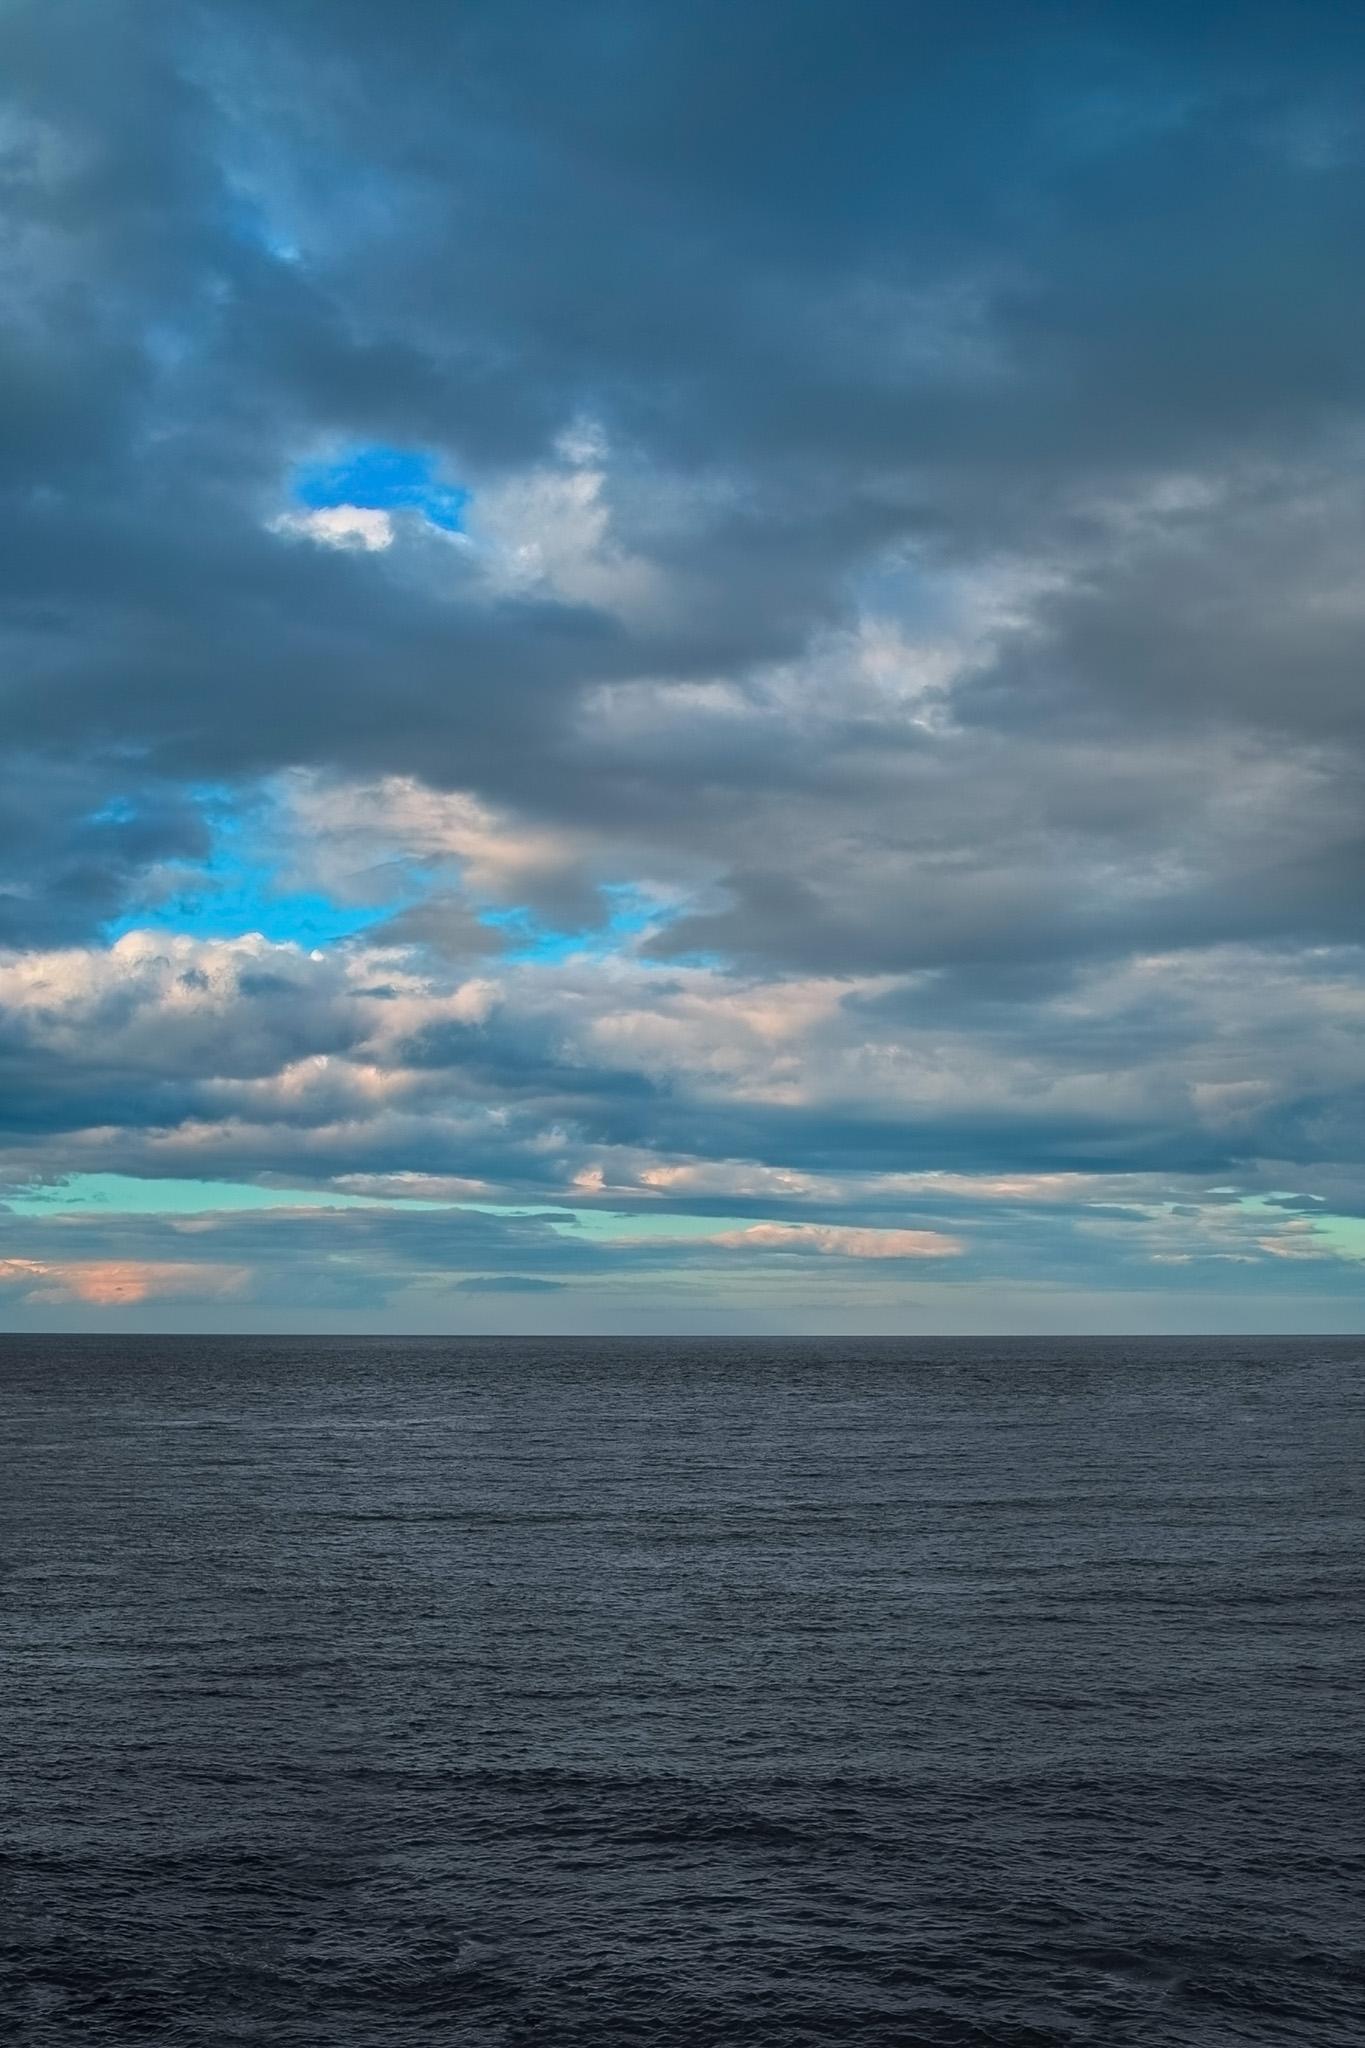 「夕暮れ迫る海と空」